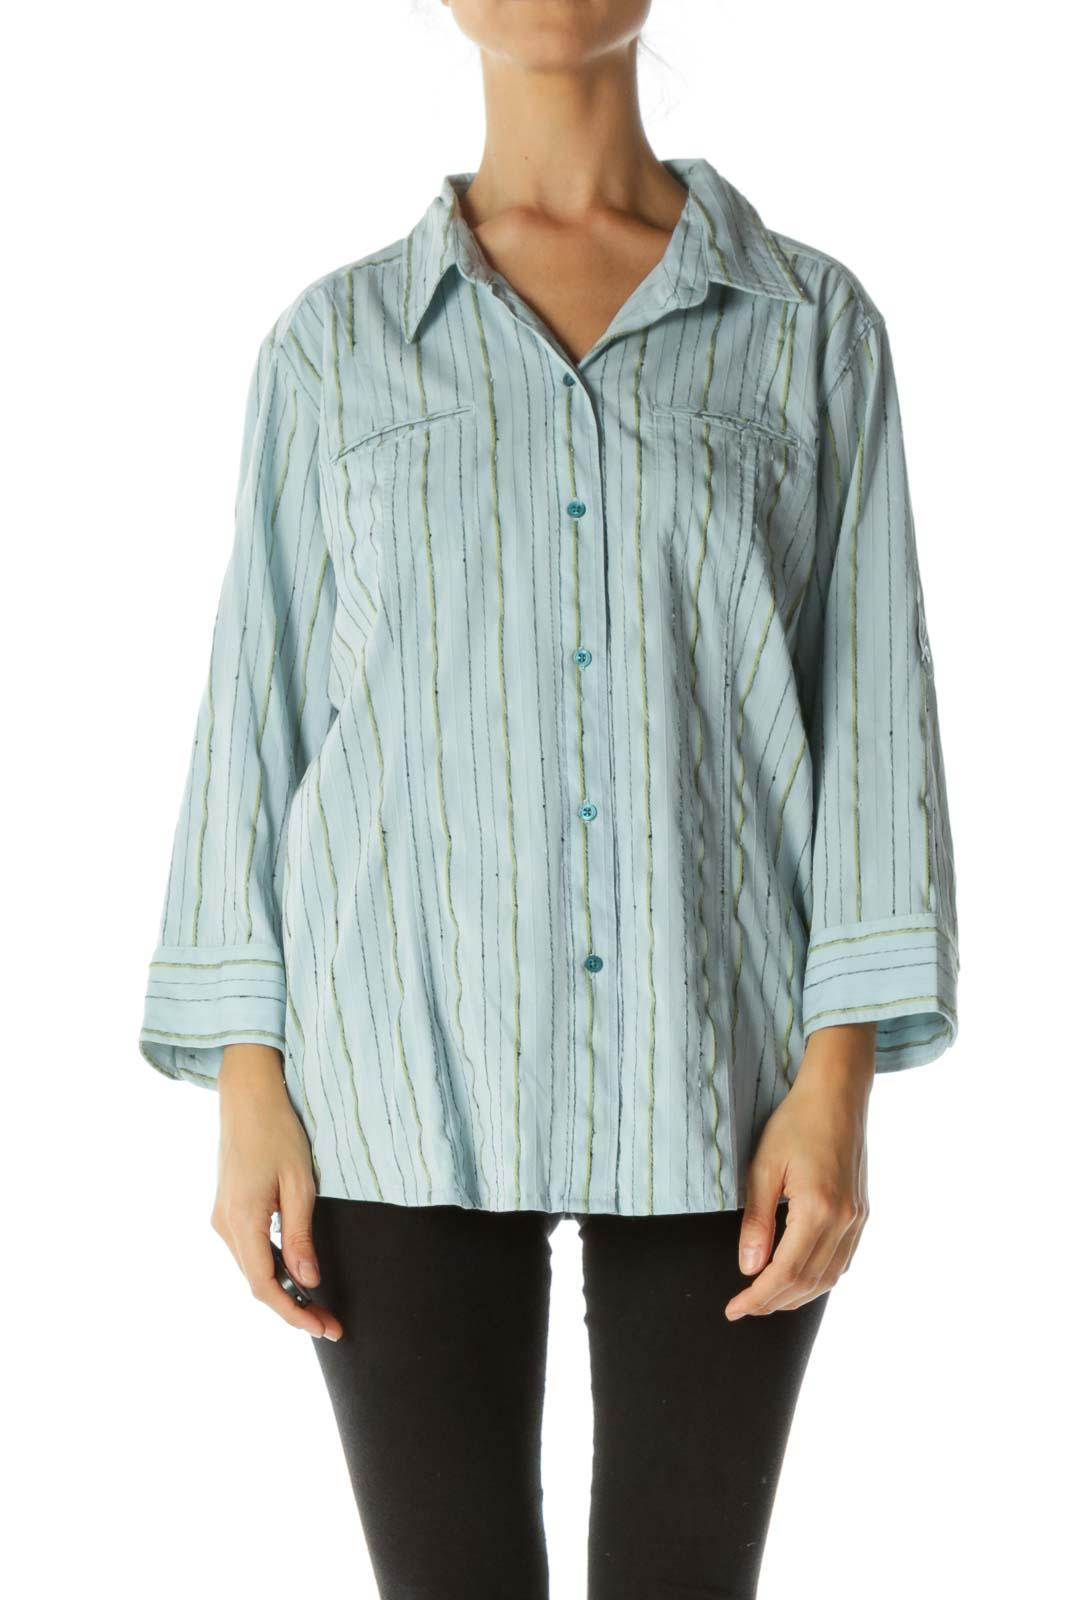 Blue Striped Collard Shirt Front